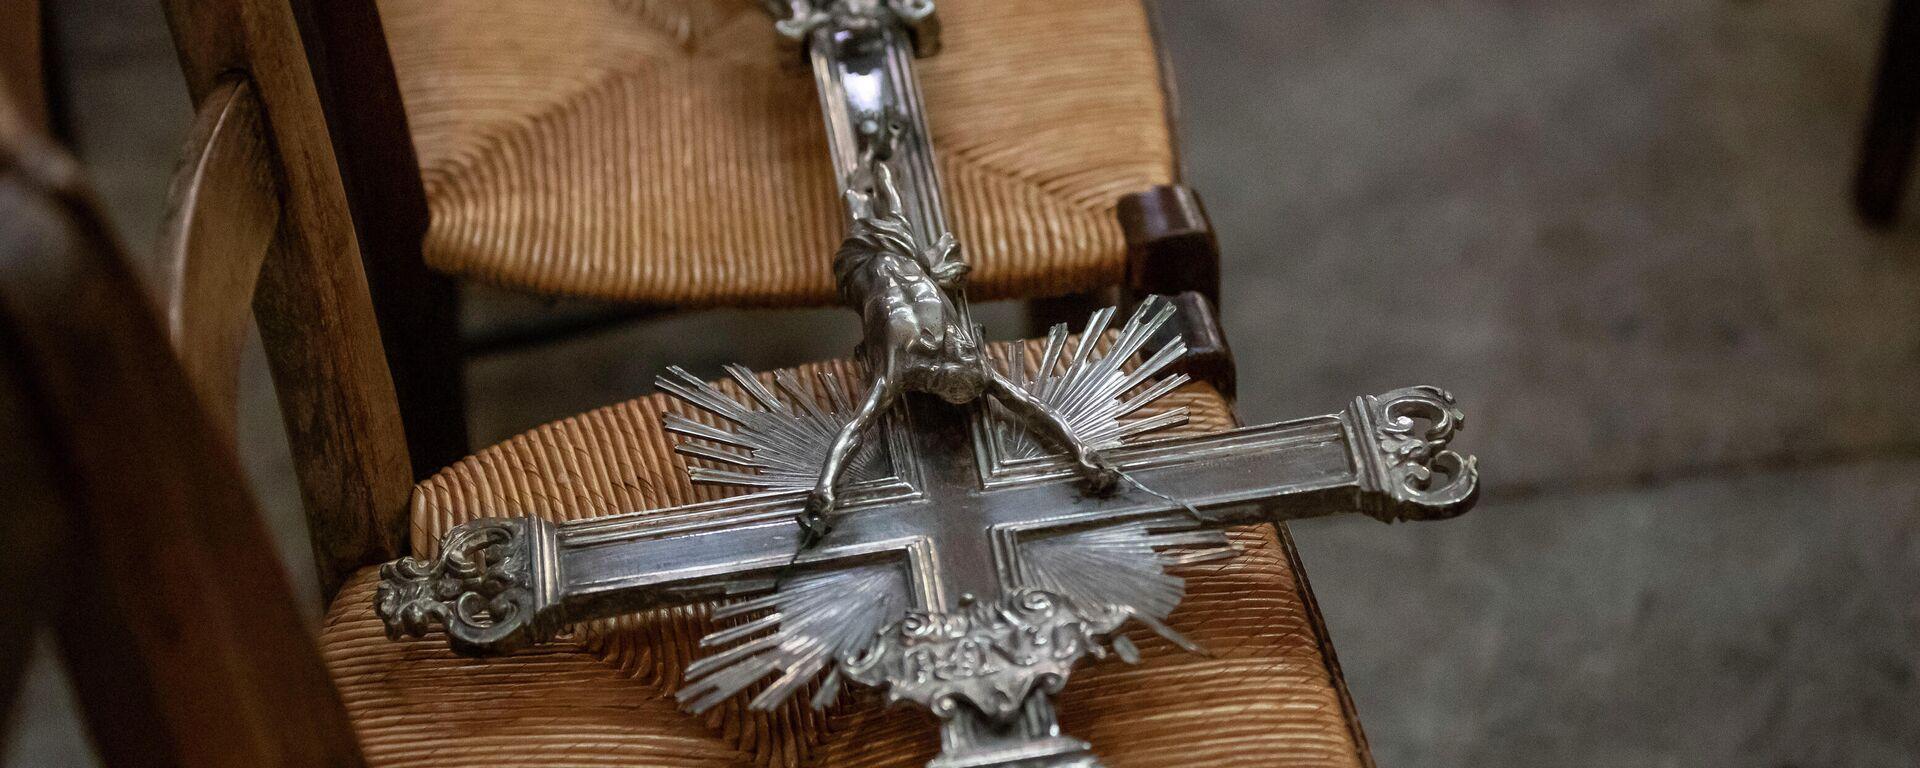 Ein Prozessionskreuz liegt auf einem Stuhl in der Kirche Saint Clotilde in Paris  - SNA, 1920, 12.10.2021